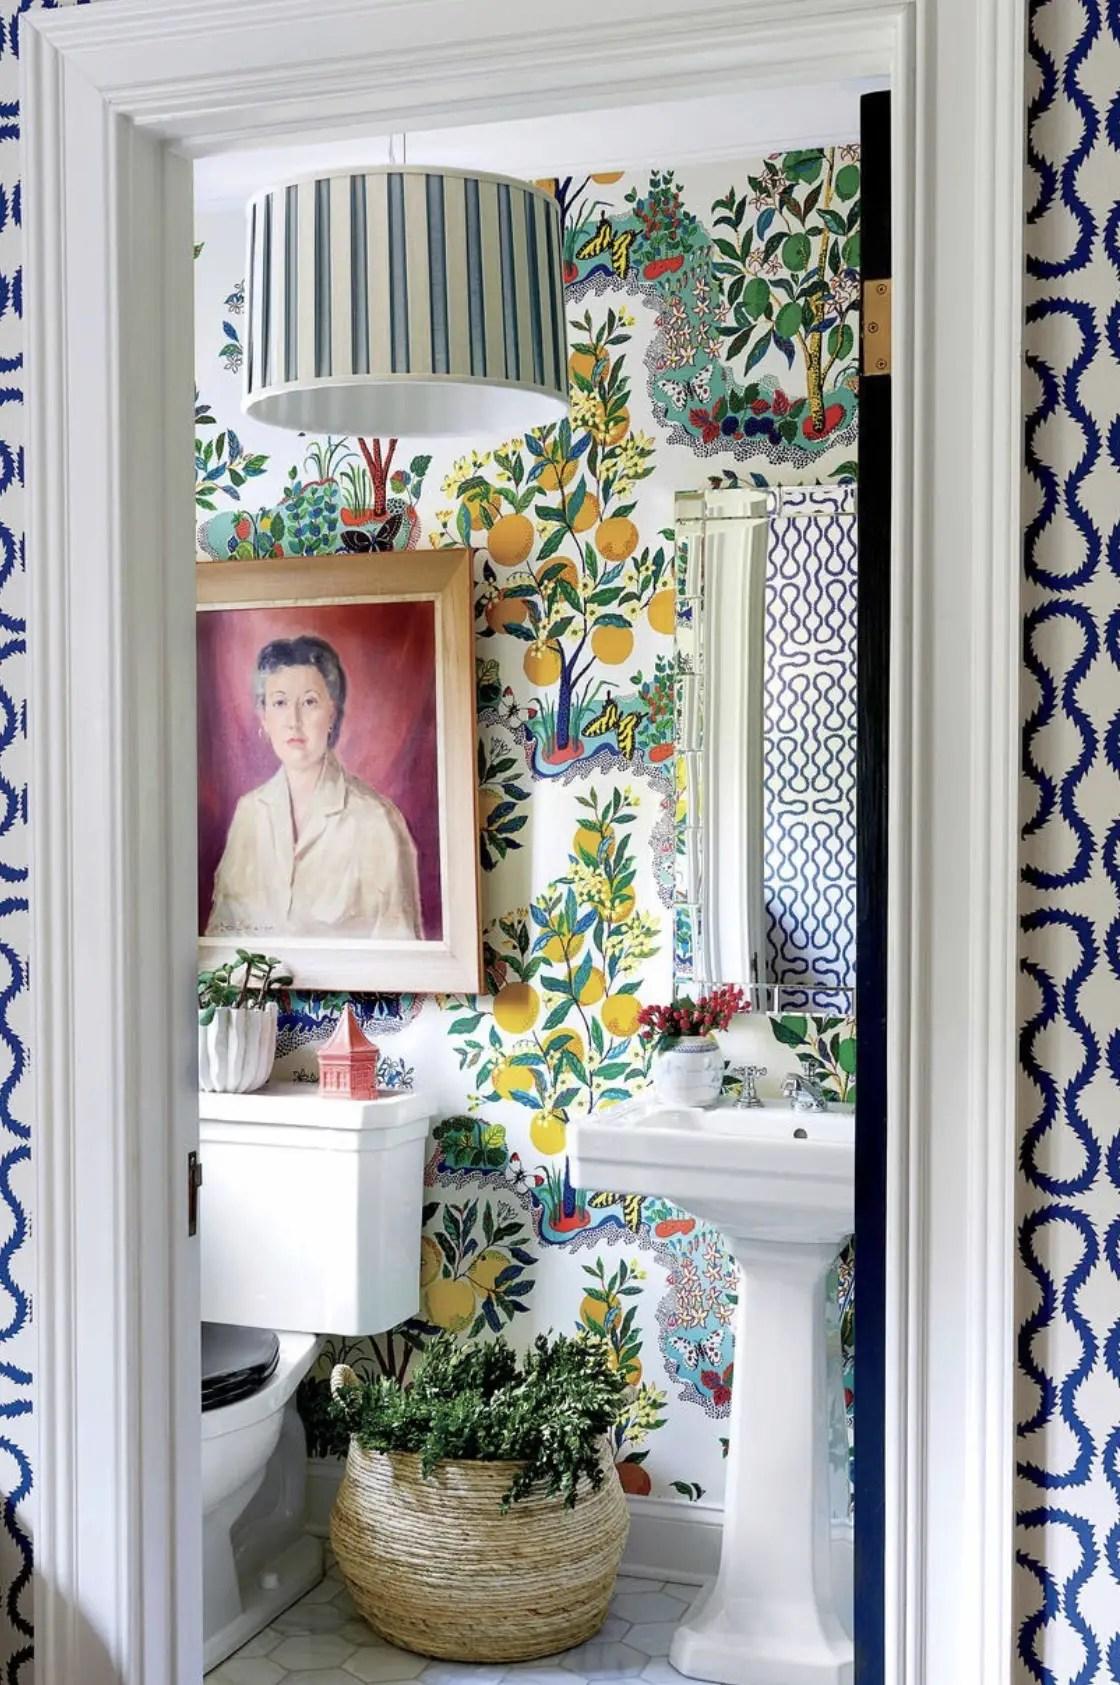 Cette salle de toilette nous offre de la fraîcheur avec un papier peint des citronniers.